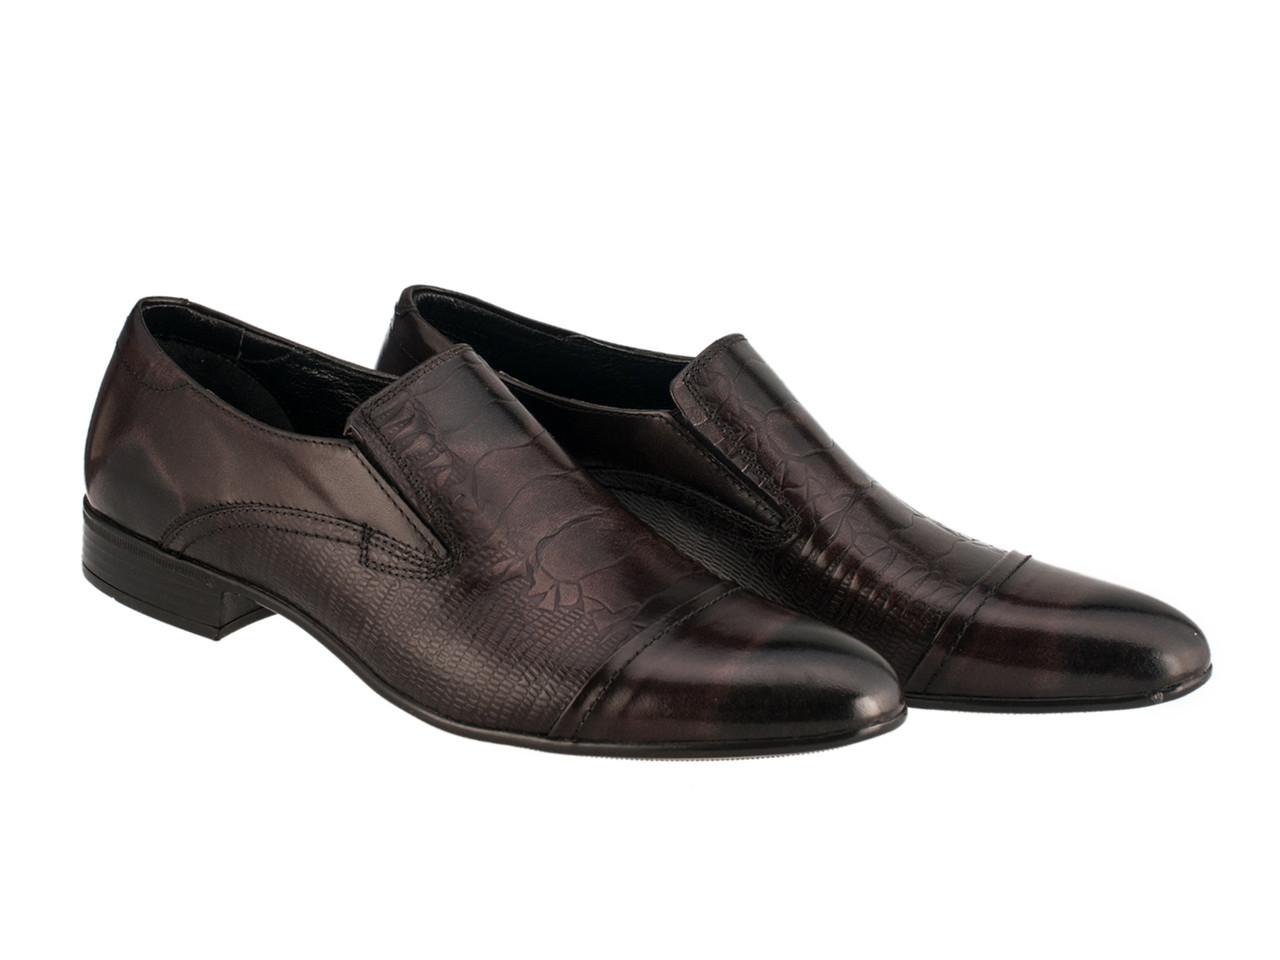 Туфлі Etor 10167-826 45 коричневі